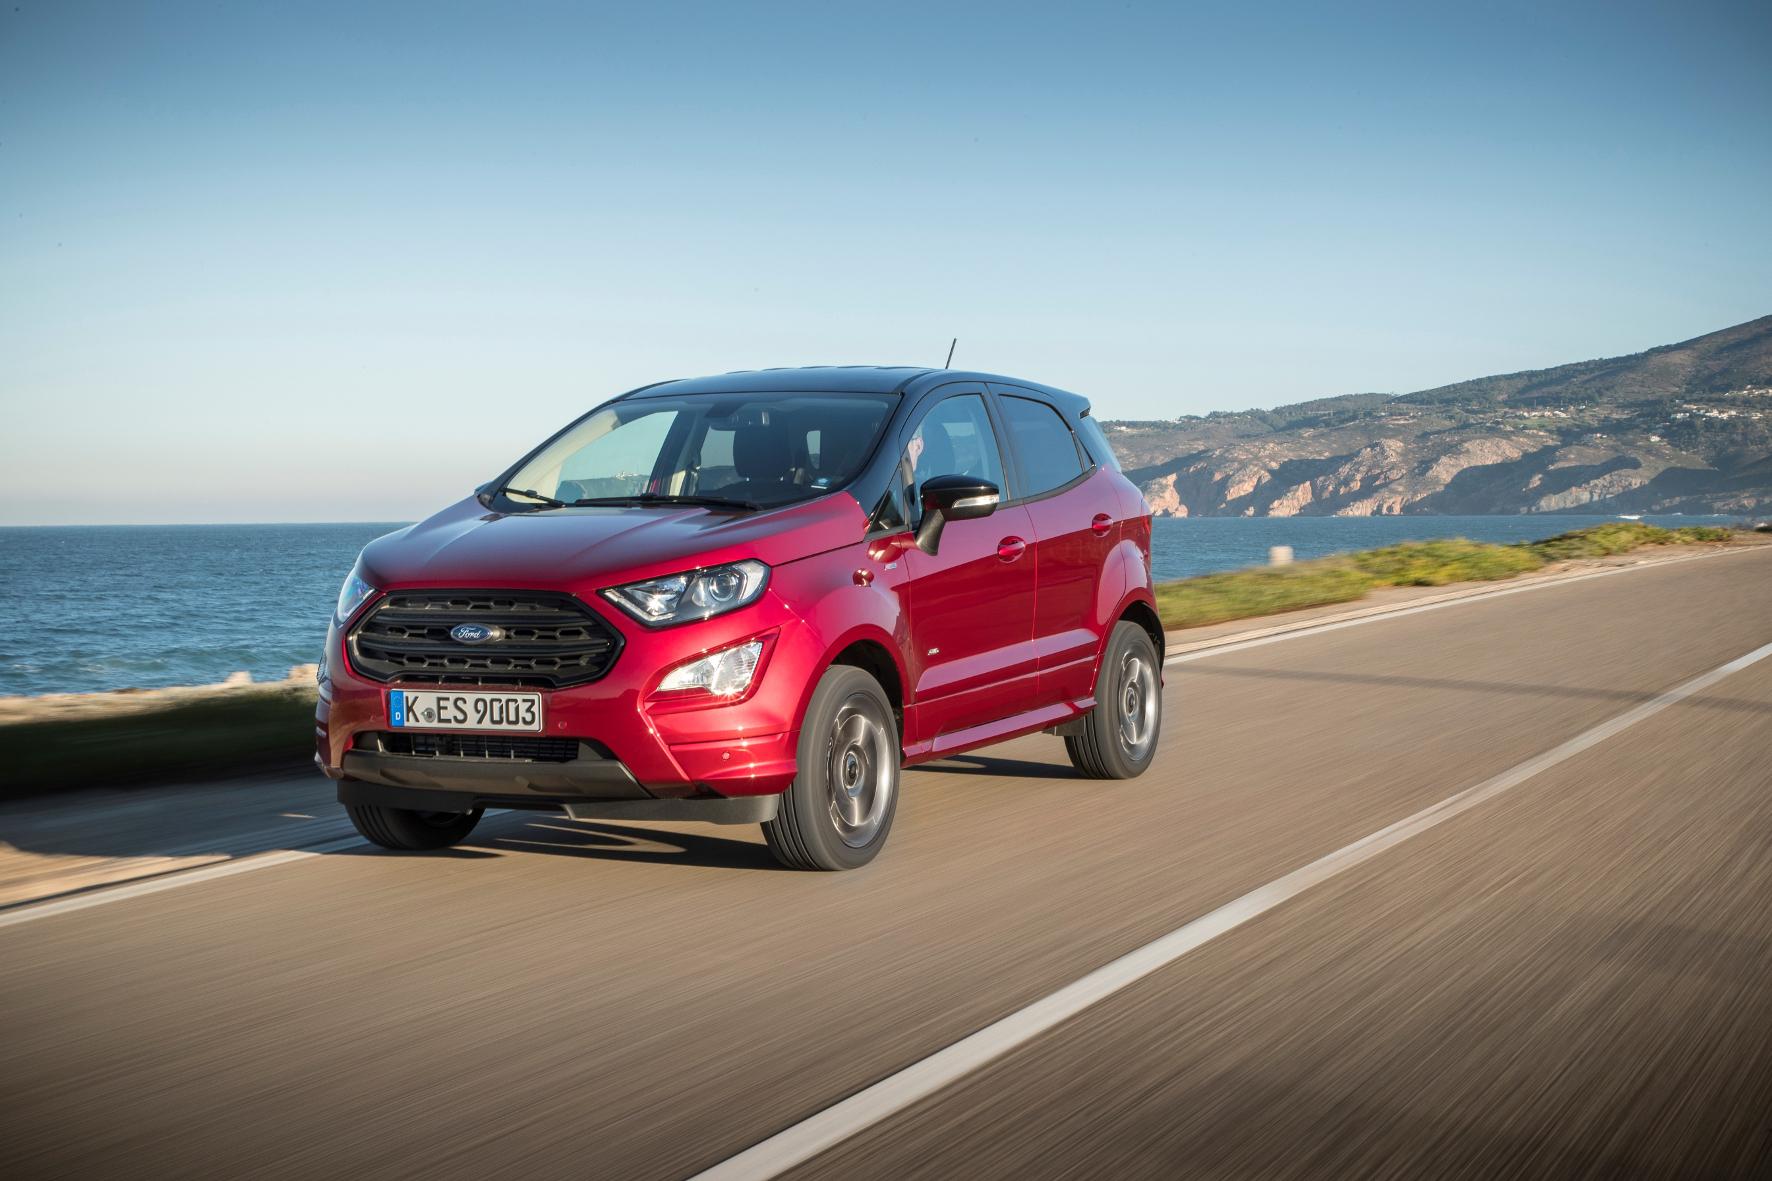 Knuffiges Mini-SUV: Die hohe Gürtellinie lässt den Ford EcoSport etwas pummelig wirken.